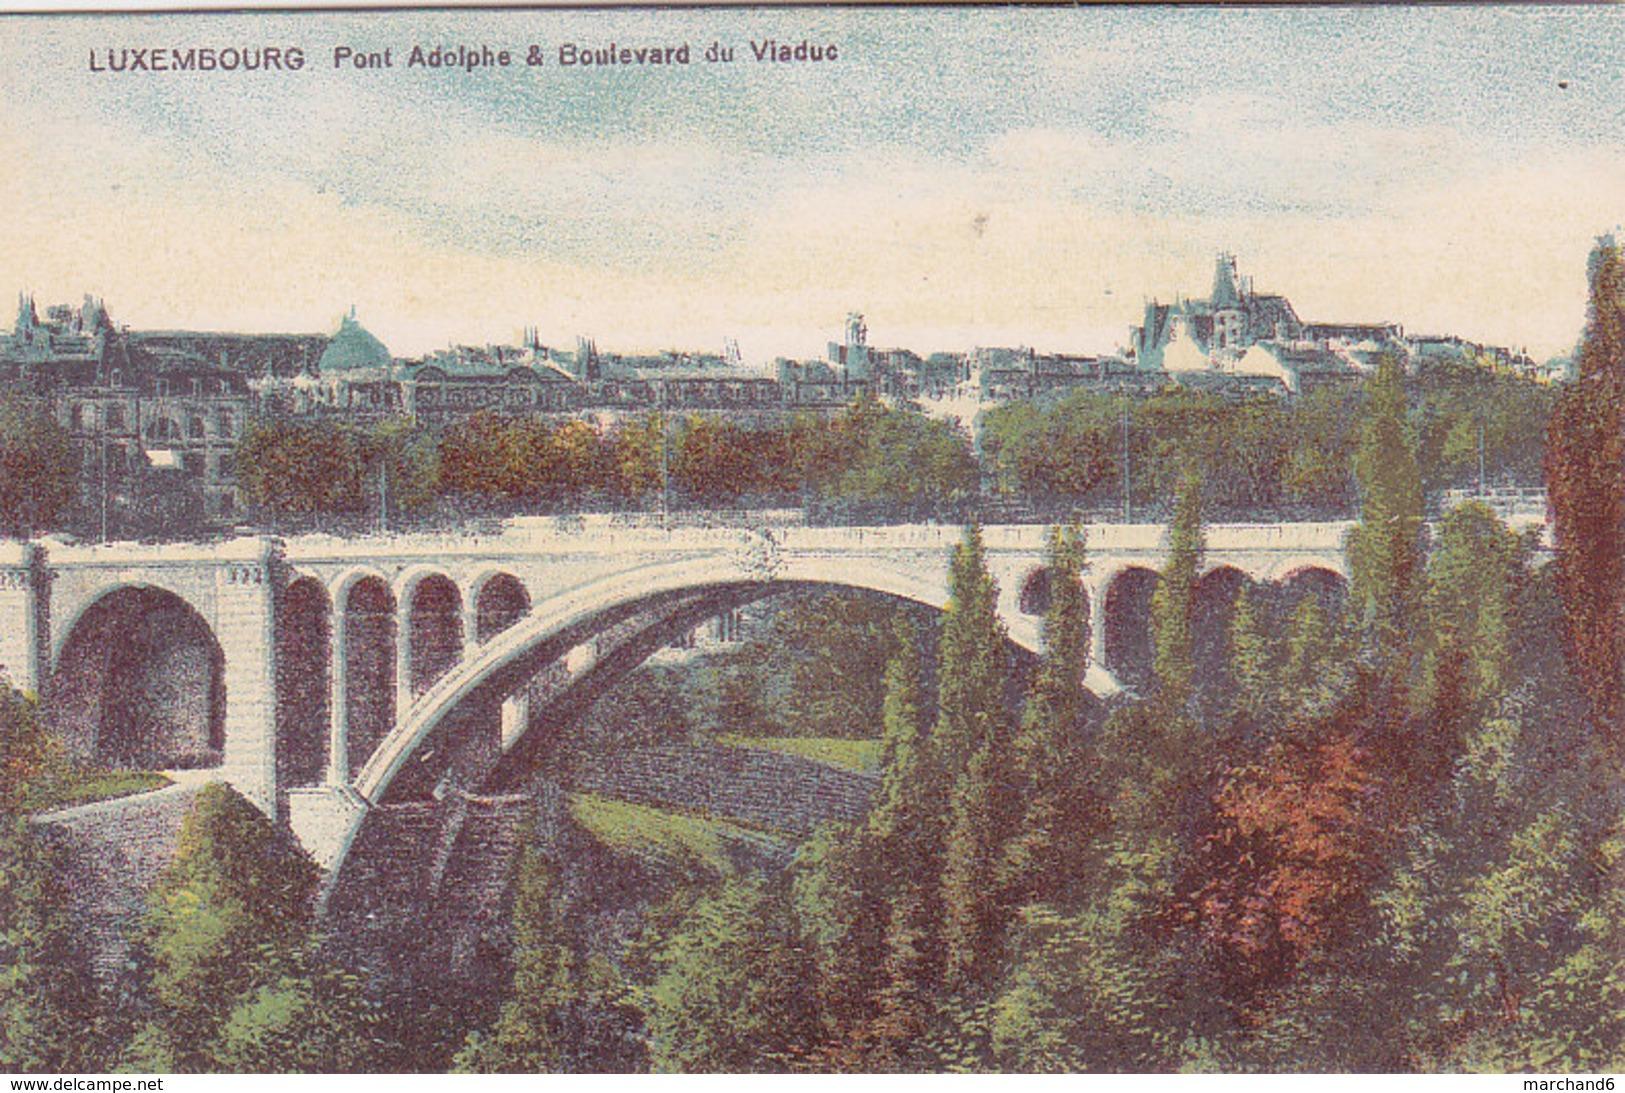 Luxembourg Pont Adolphe & Boulevard Du Viaduc éditeur Maison De Gros P Houstraas N°57 - Luxembourg - Ville